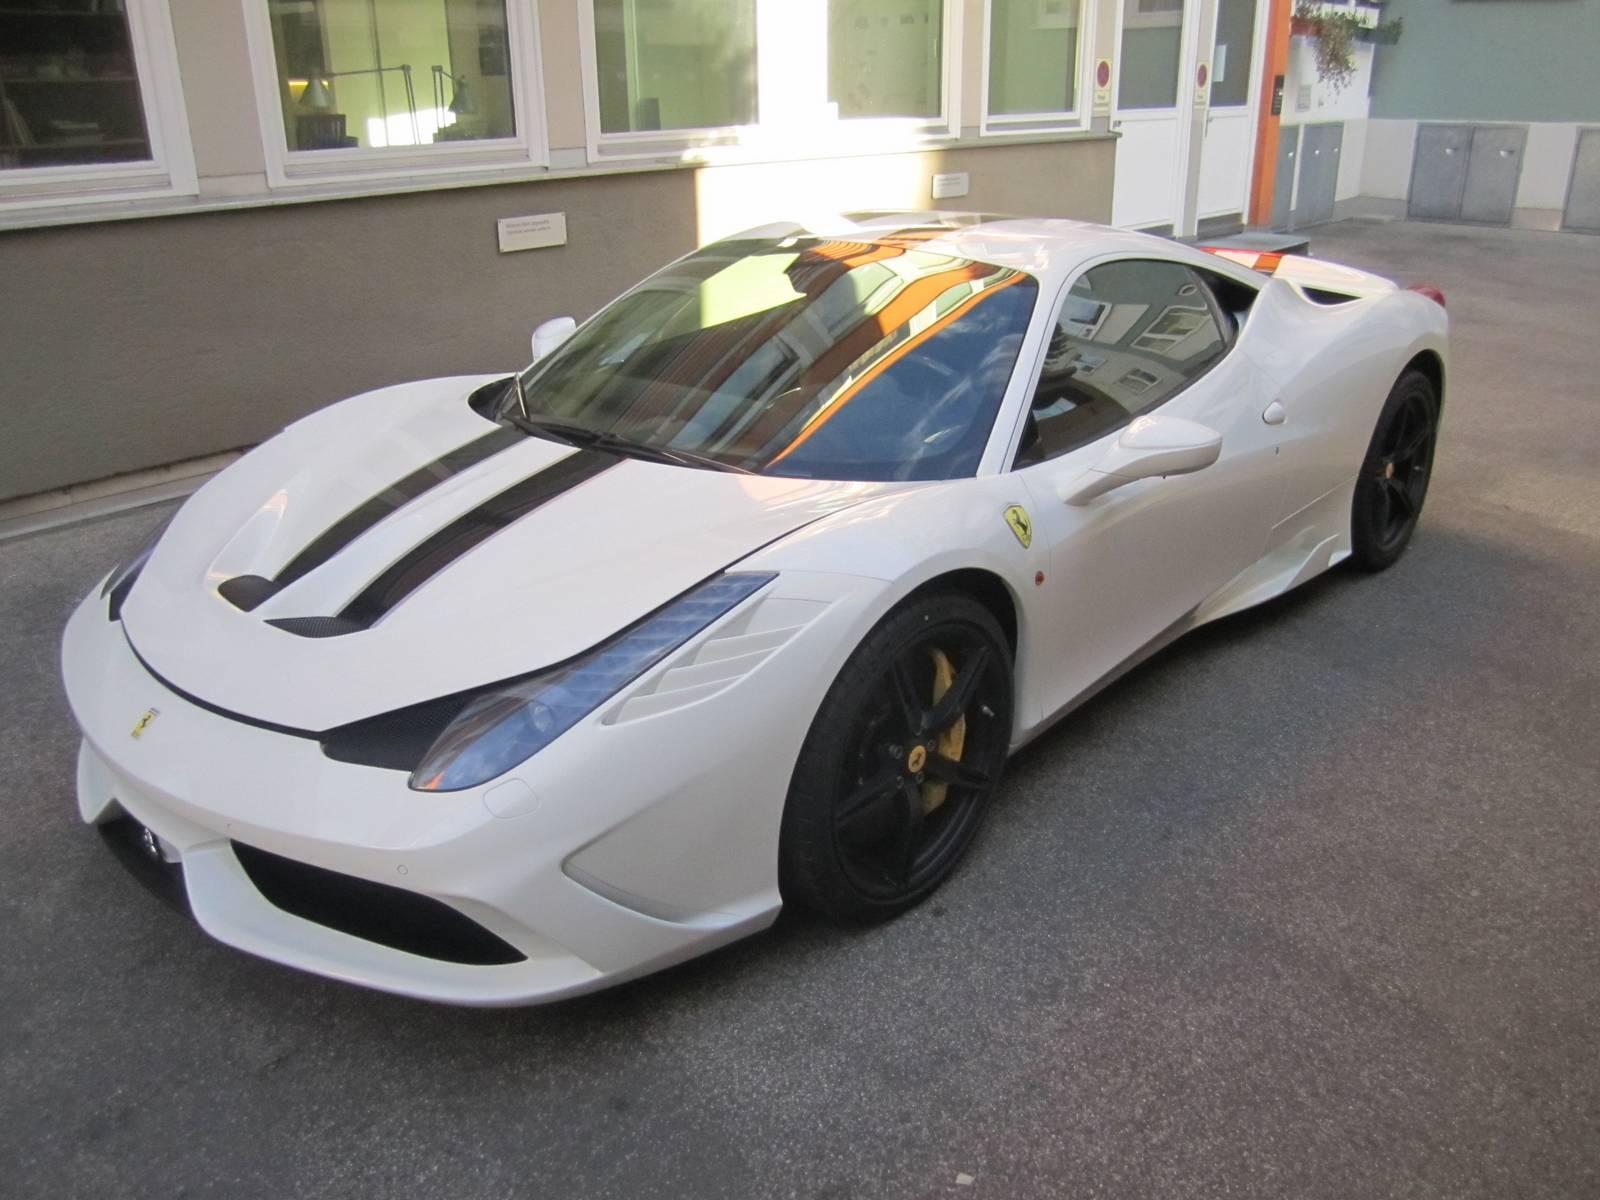 White Ferrari 458 Speciale Wallpaper White Ferrari 458 Speciale